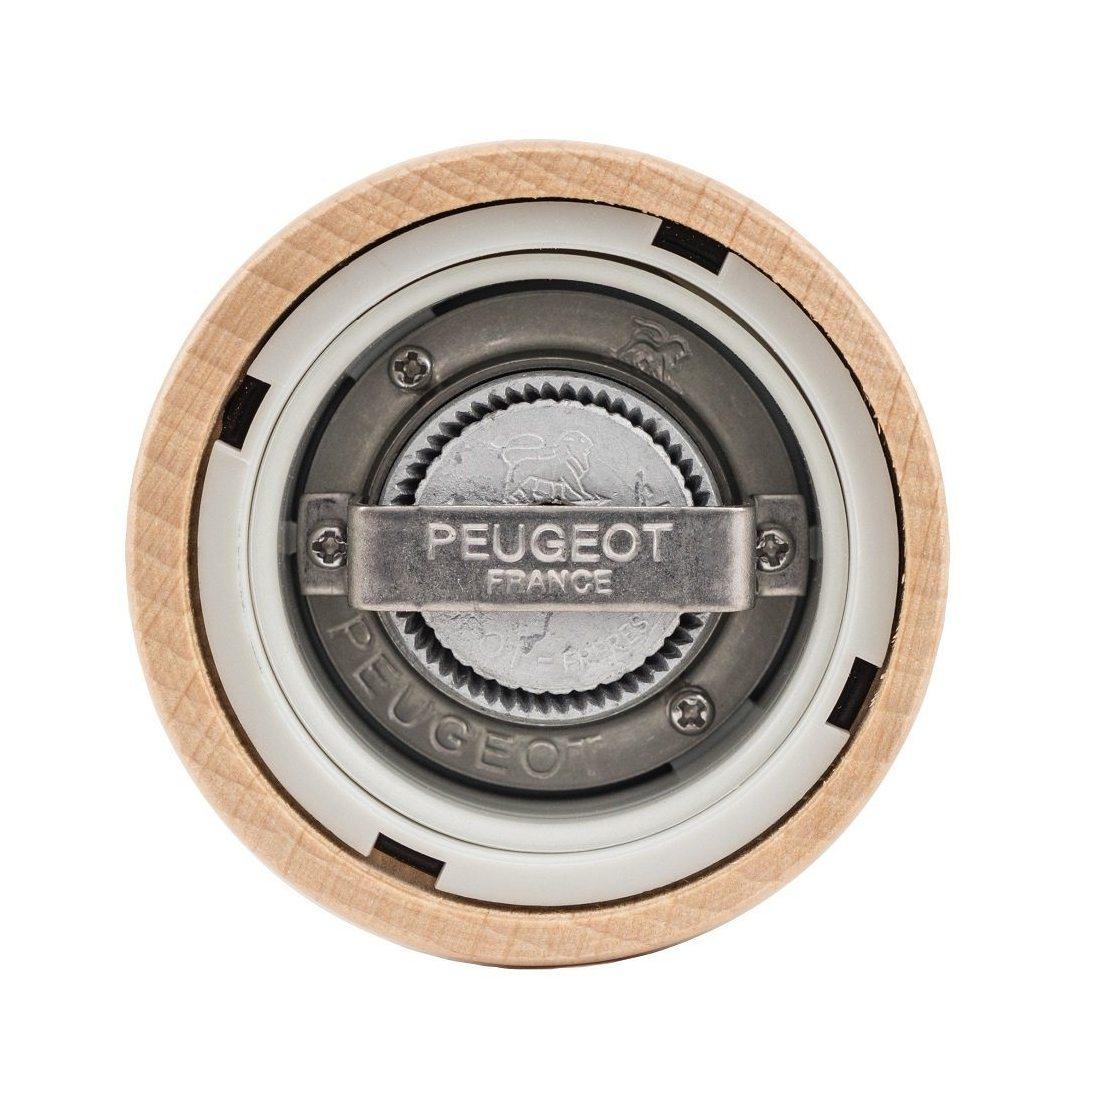 Peugeot Paris U'Select Moulin à Poivre Naturel 18 cm